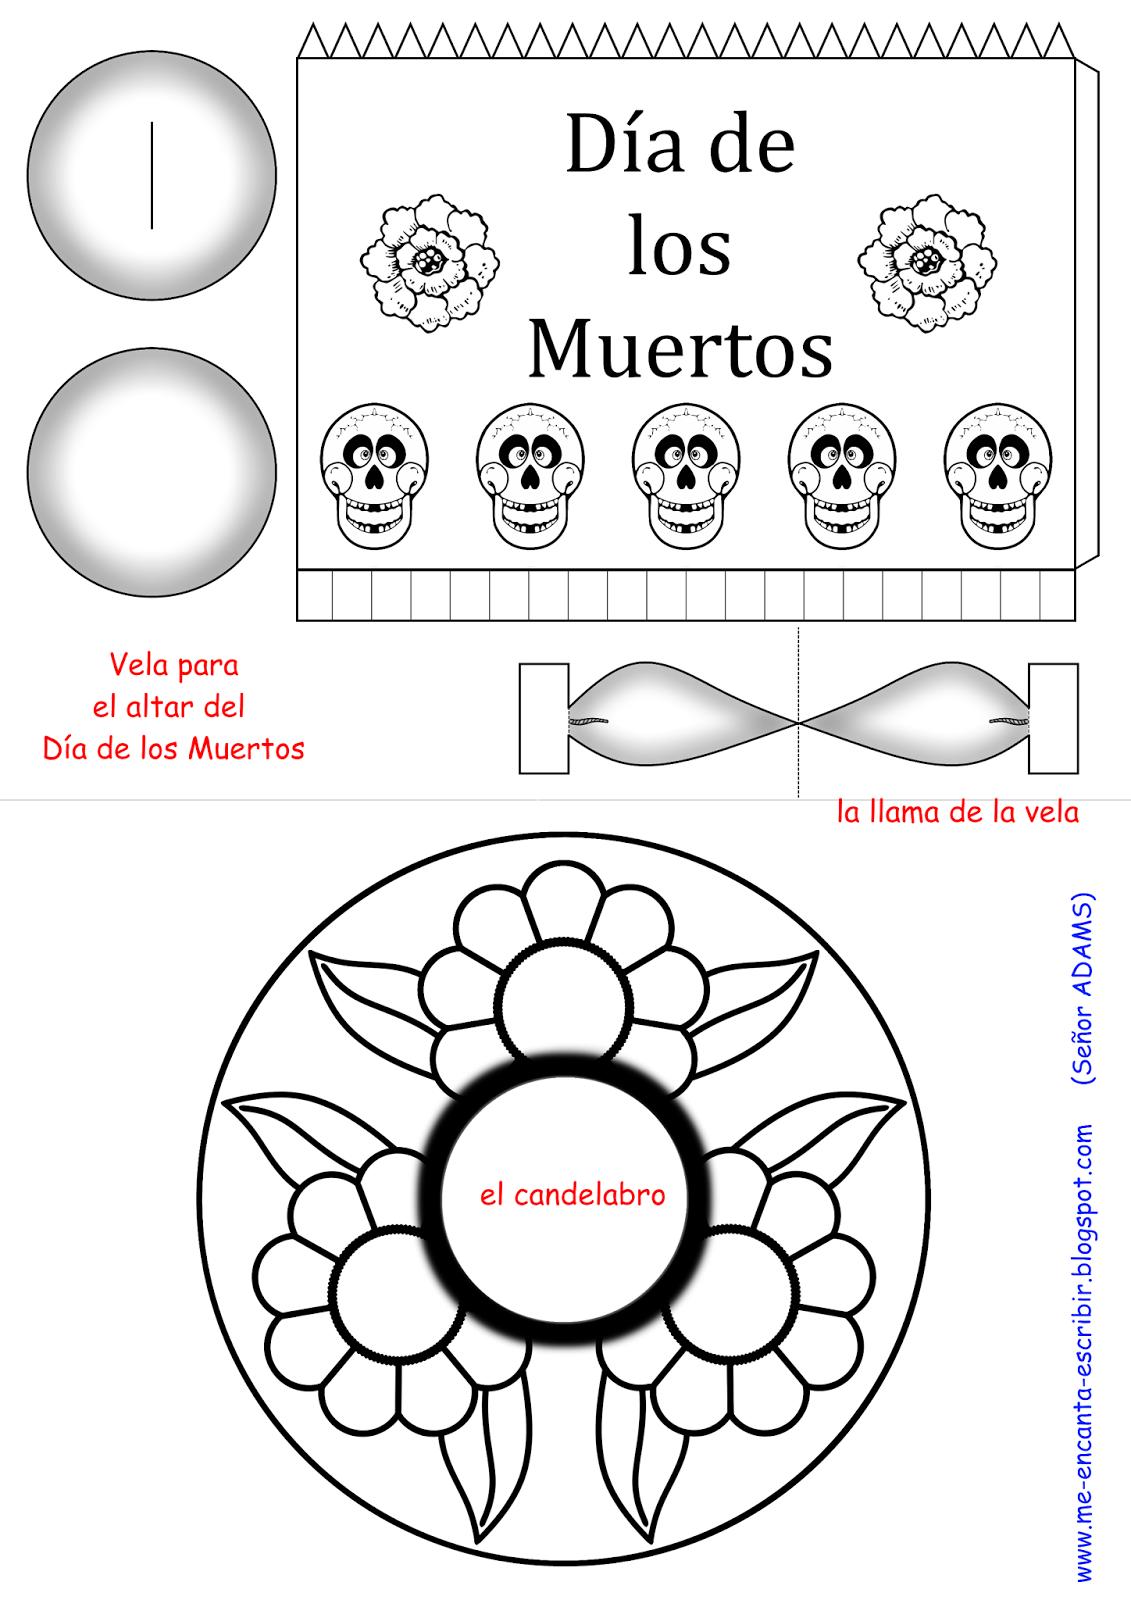 Me encanta escribir en español: Vela para el altar del Día de los ...